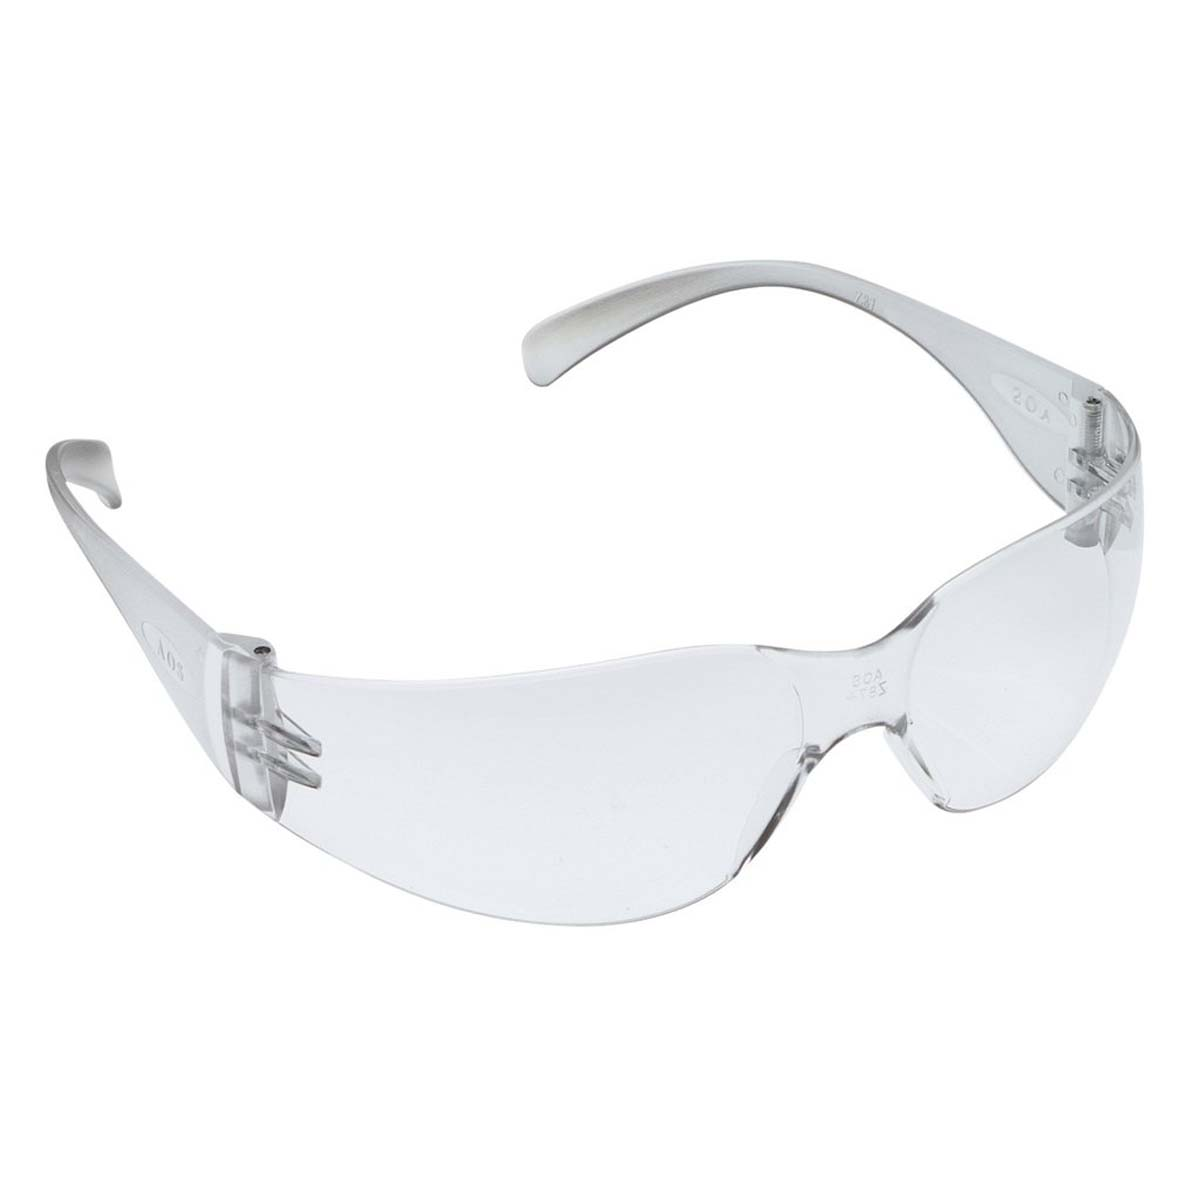 """3Mâ""""¢ Virtua Maxâ""""¢  Protective Eyewear 11510-00000-20 Clear Anti-Fog Lens, Clear Frame"""